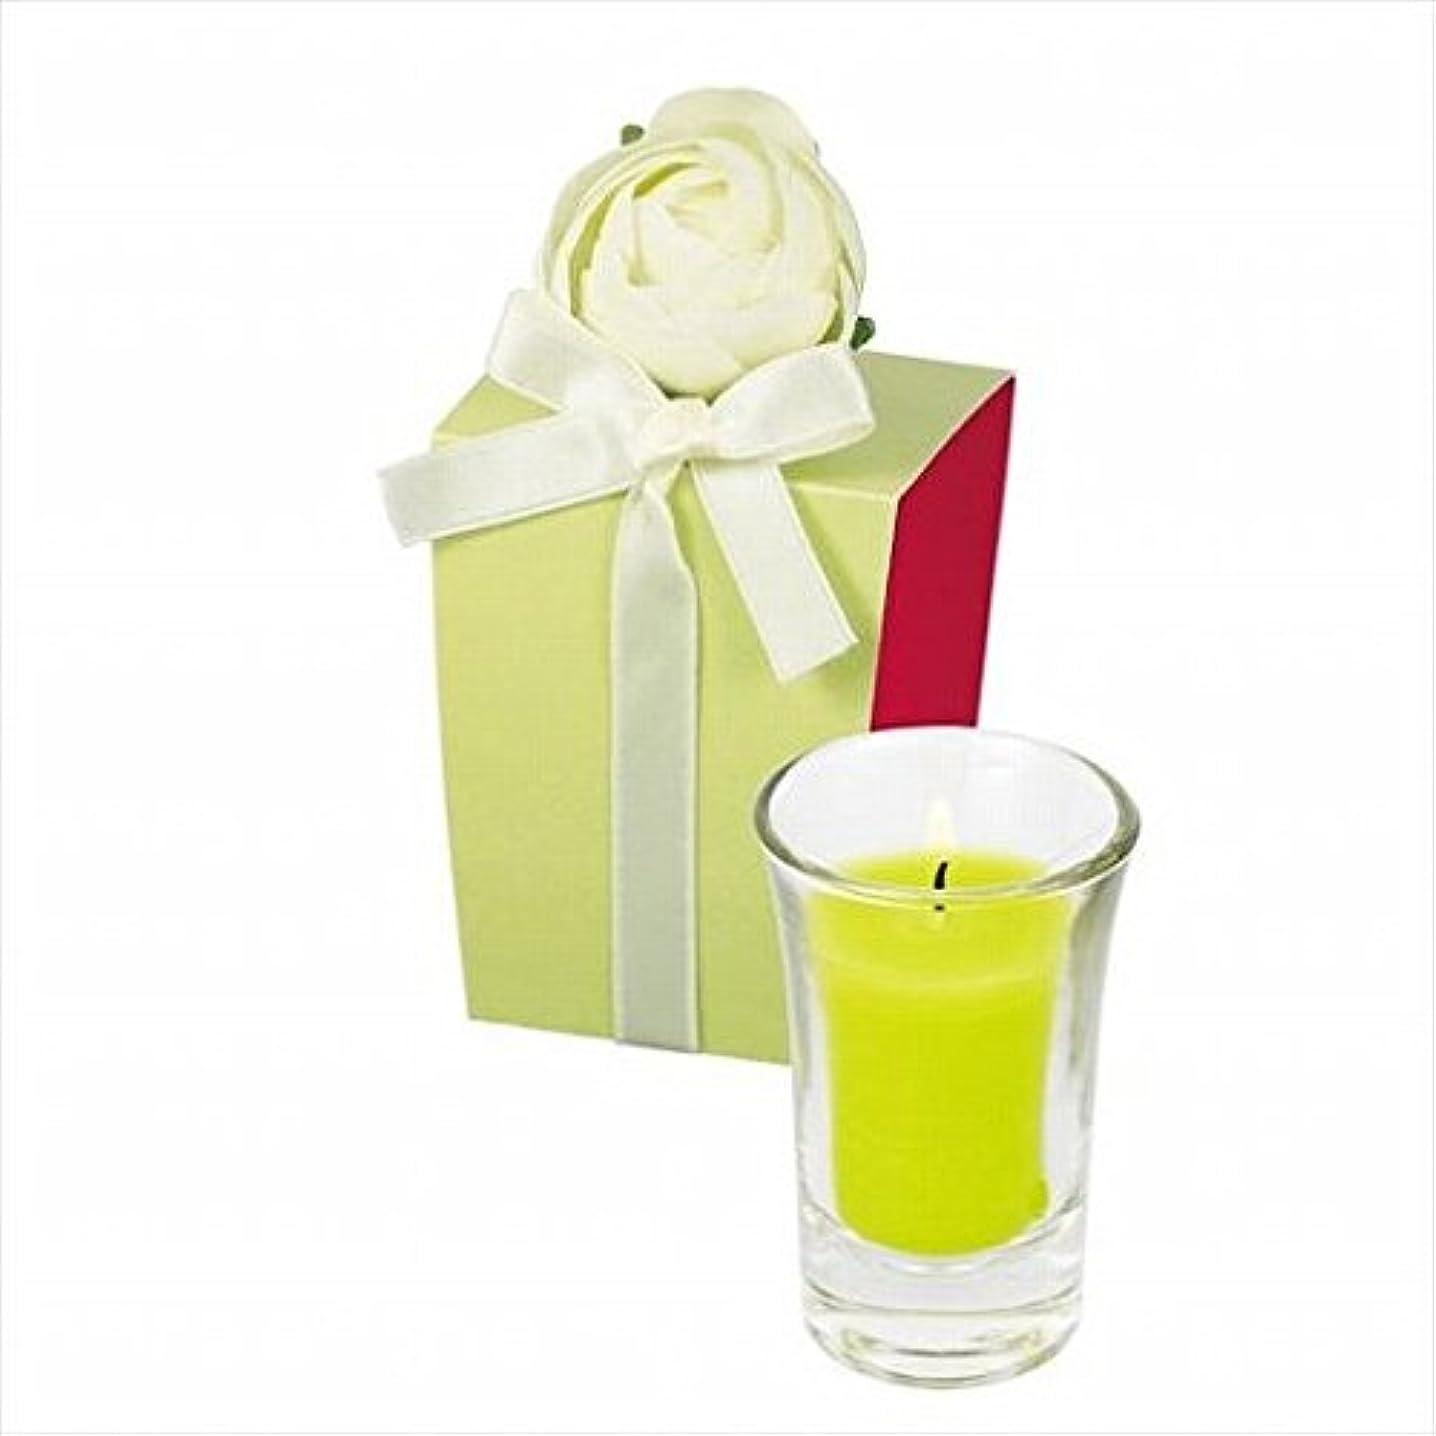 天窓誘う言い訳kameyama candle(カメヤマキャンドル) ラナンキュラスグラスキャンドル 「 ライトグリーン 」(A9390500LG)